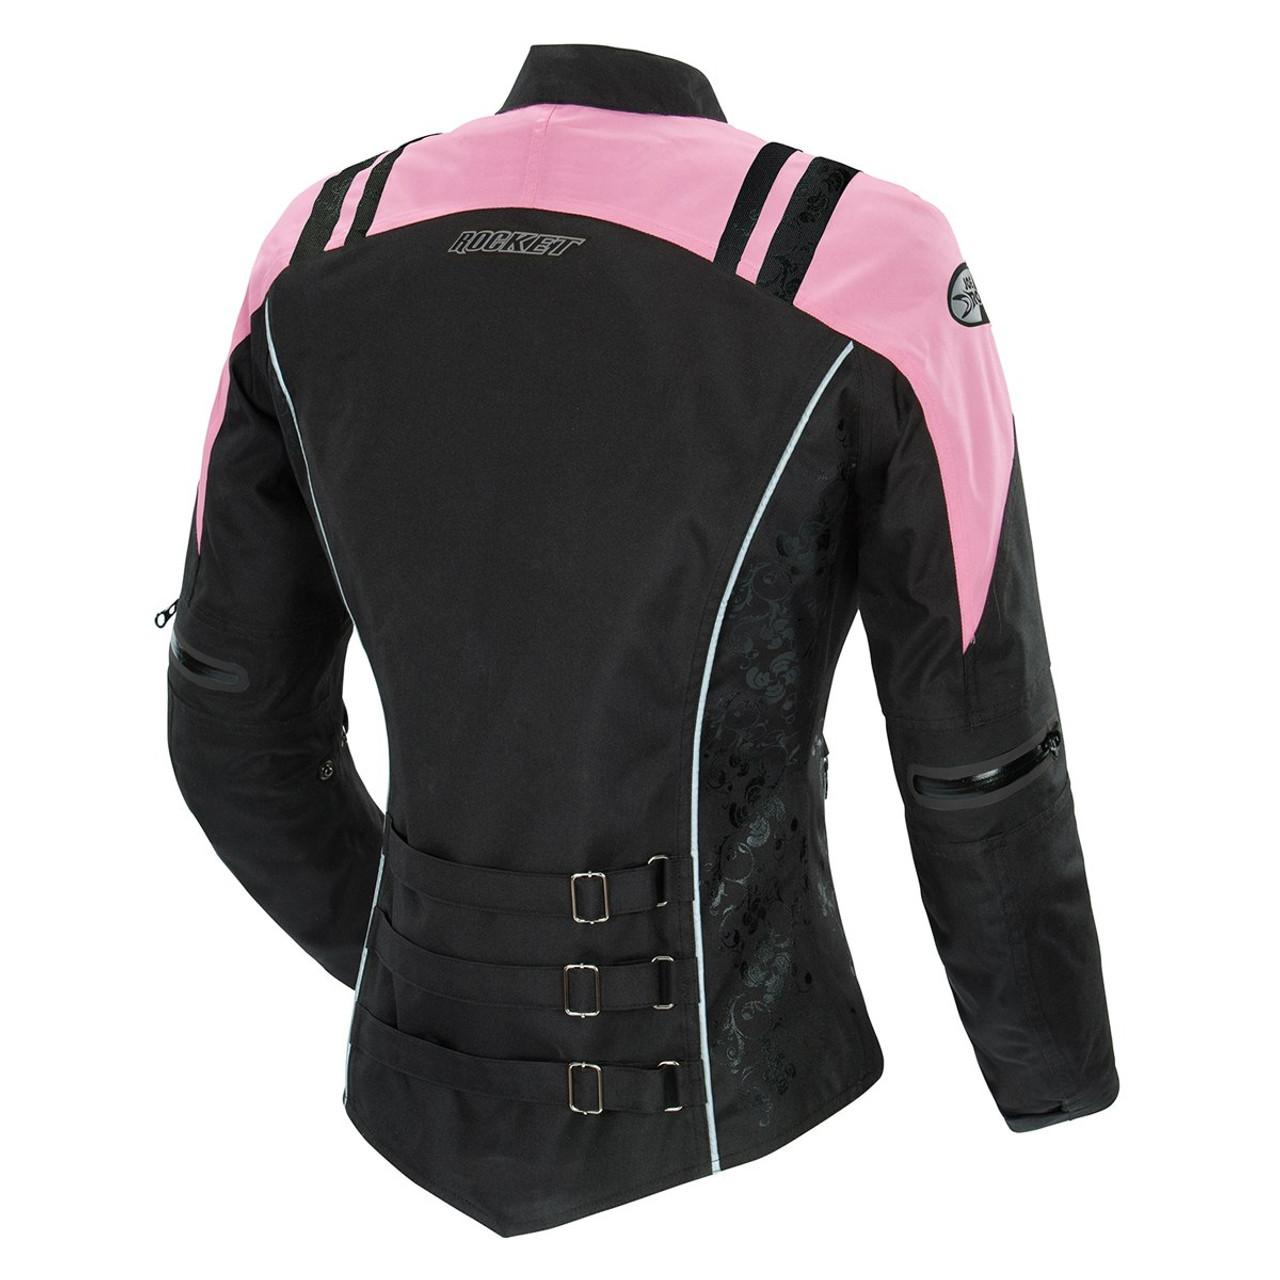 2018 Joe Rocket Atomic 4.0 Waterproof Motorcycle Jacket w// Armor-Pick Size//Color